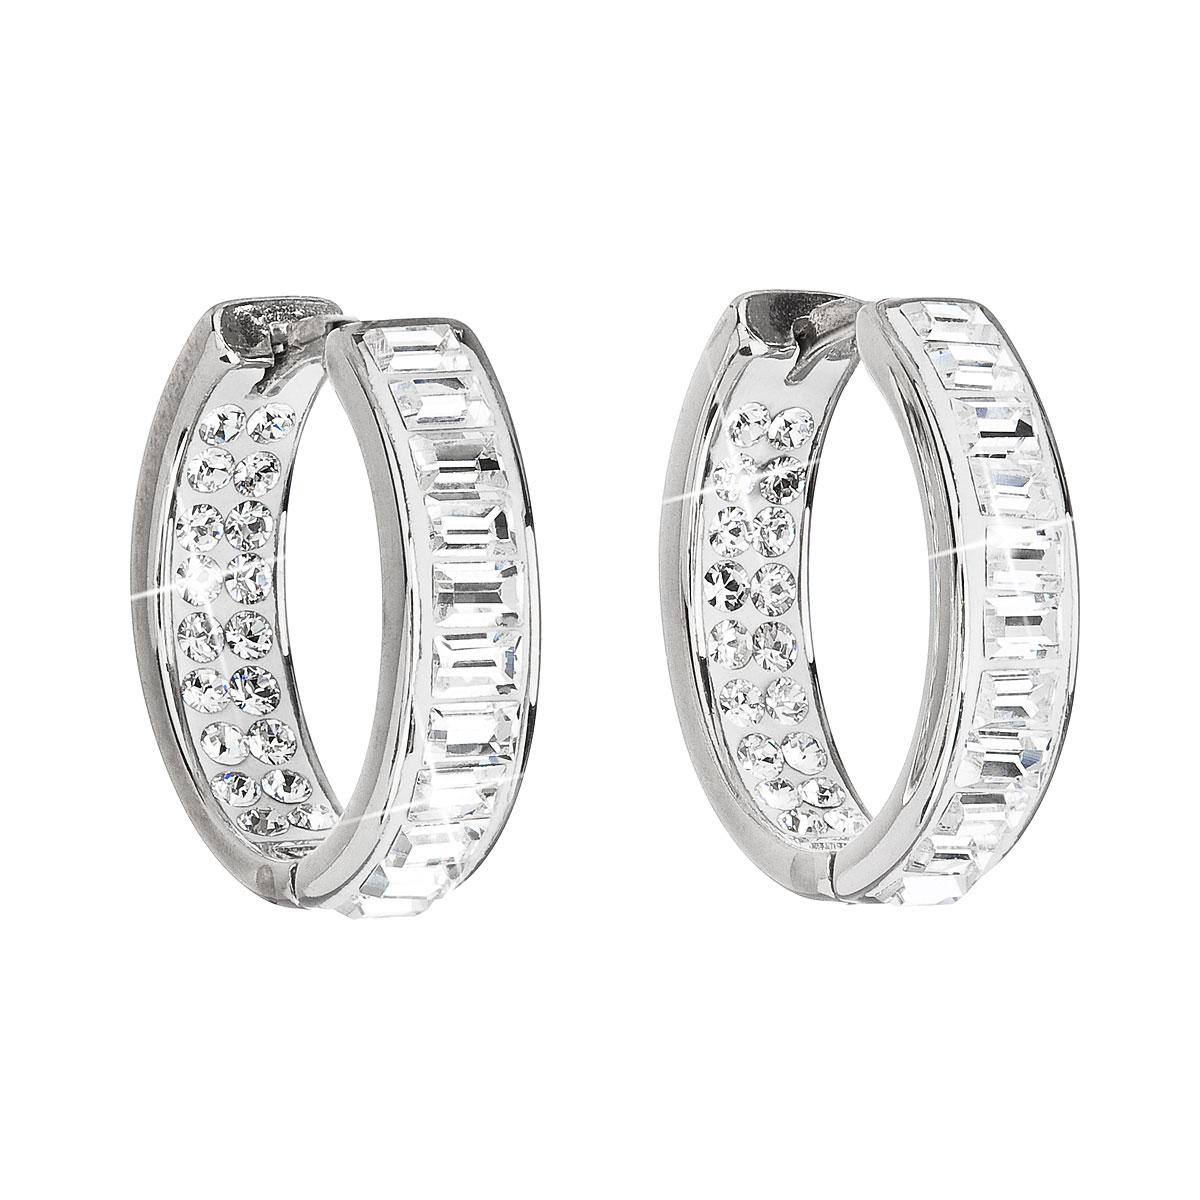 Stříbrné náušnice kruhy s krystaly Swarovski bílý kruh 31132.1 da818490cbe